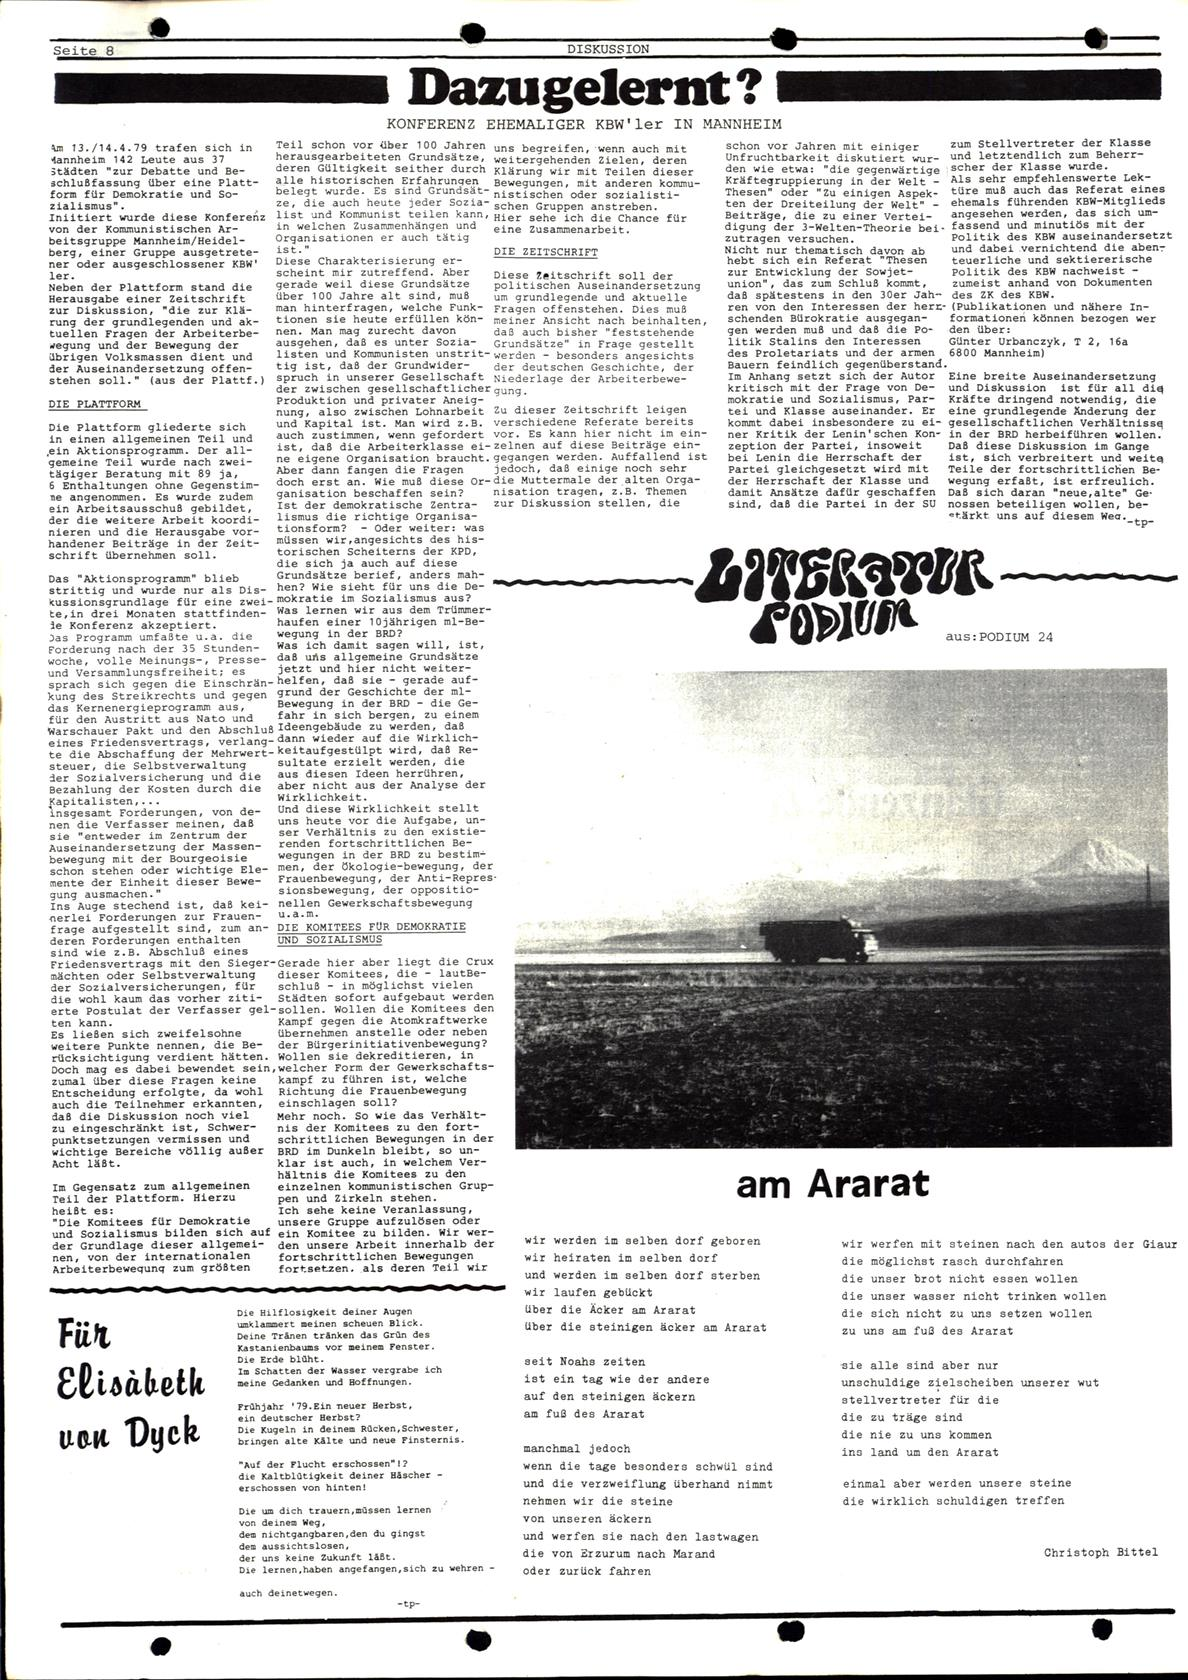 Bonner_Volksblatt_25_19790530_08